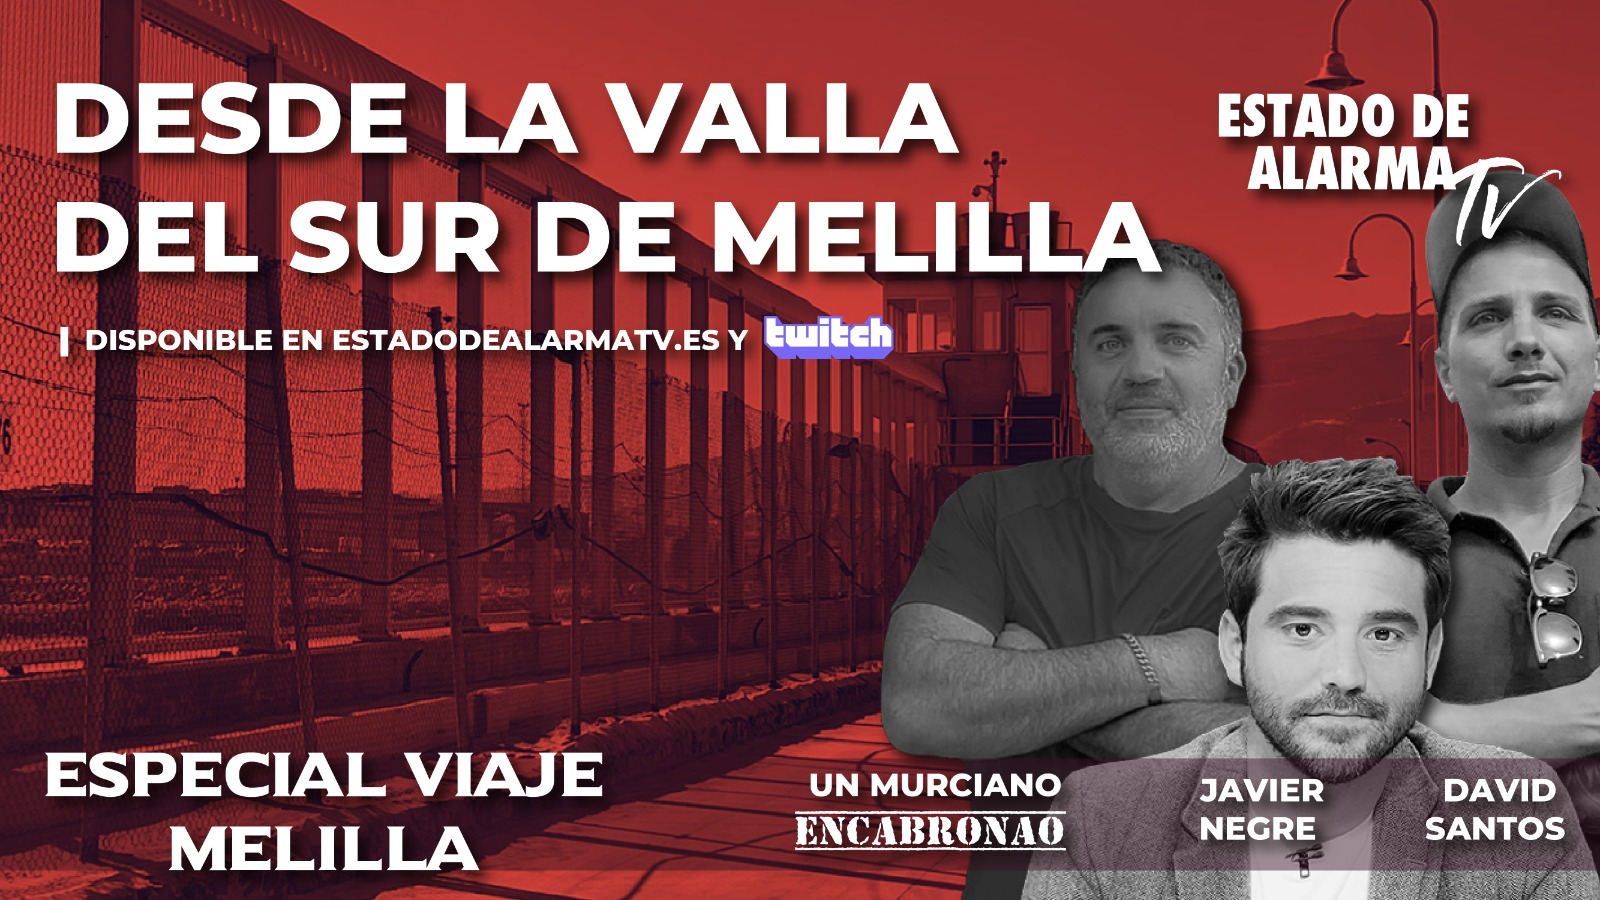 EN DIRECTO   Desde la valla del sur de Melilla con Negre, Murciano Encabronado y David Santos